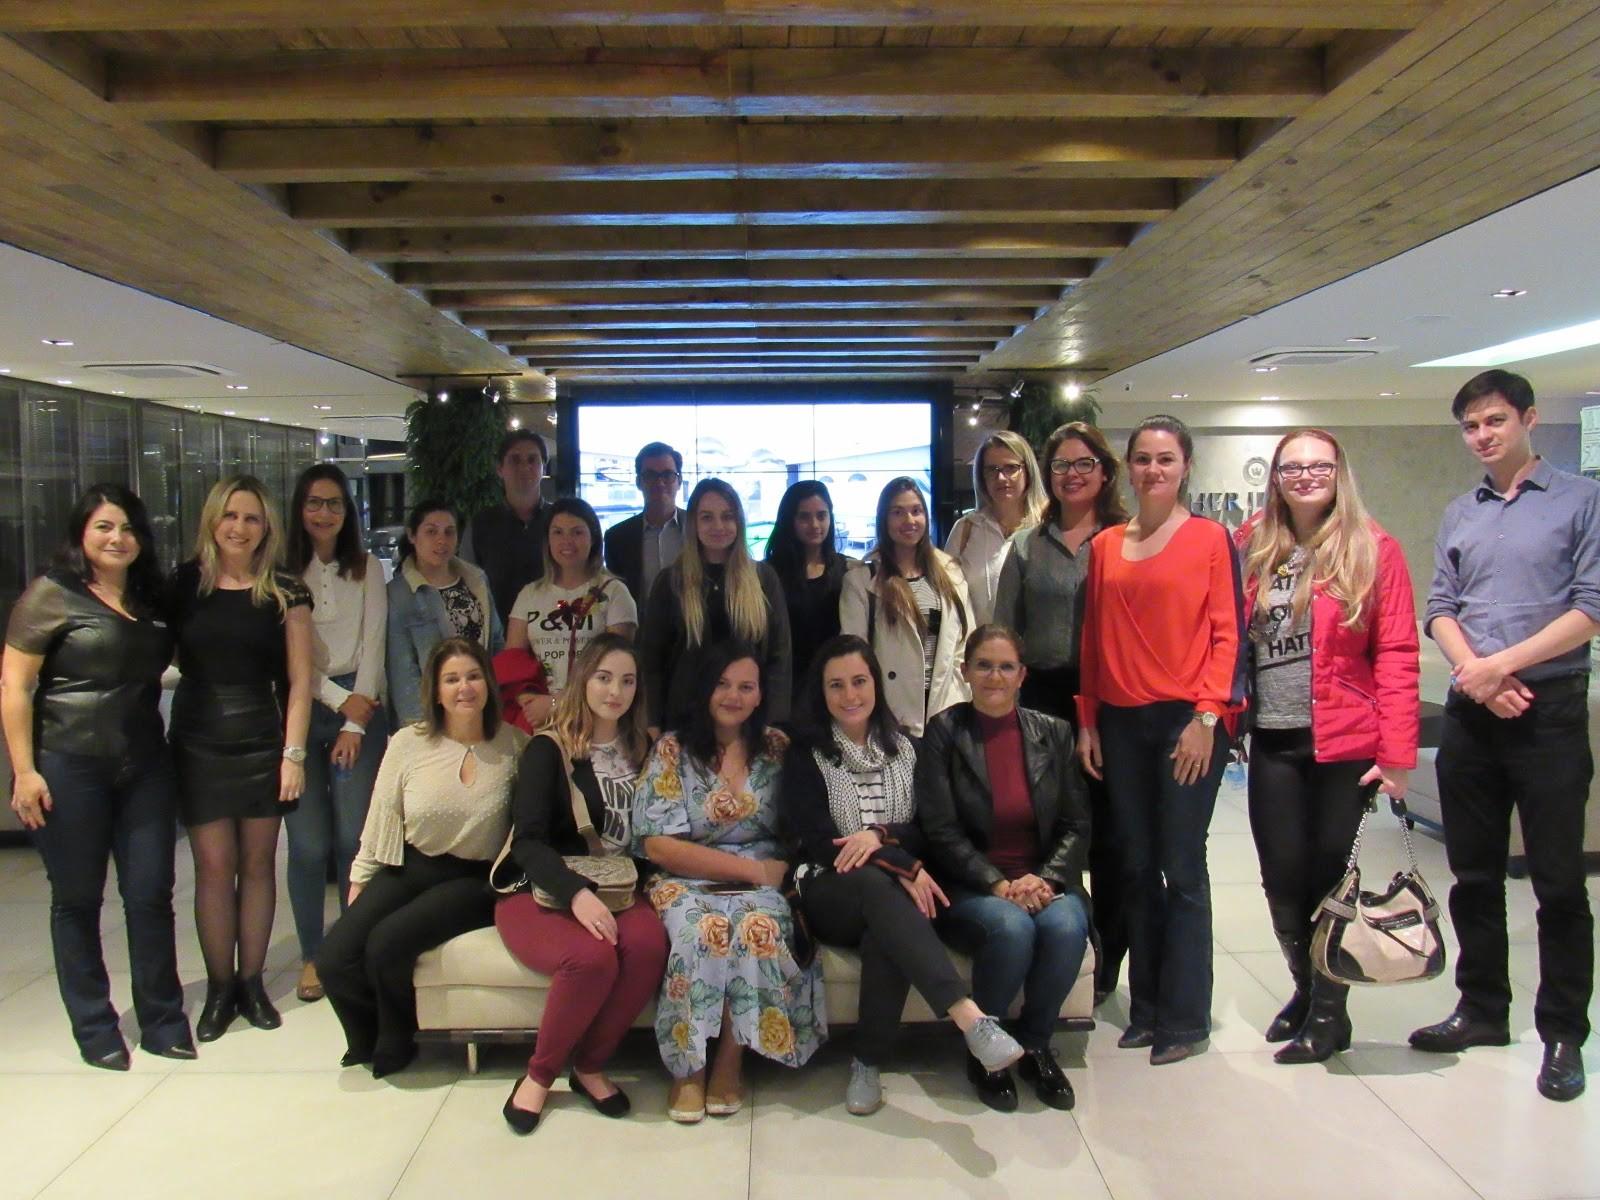 Estudantes de design de interiores tªm aula prática nos apartamentos decorados da A Yoshii em Curitiba